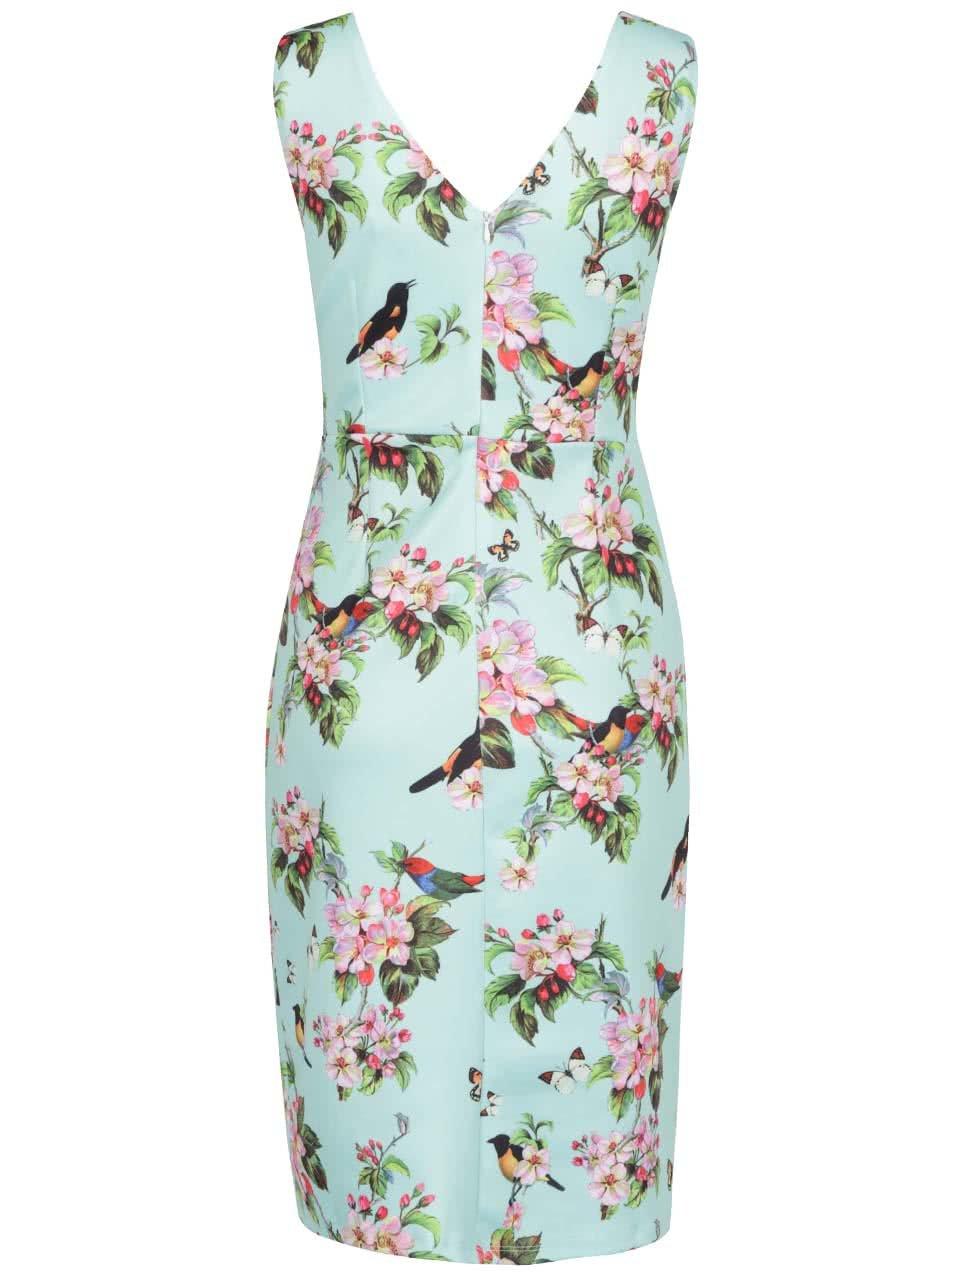 575ccb9094b9 Mentolové kvetované šaty s potlačou vtákov Smashed Lemon ...